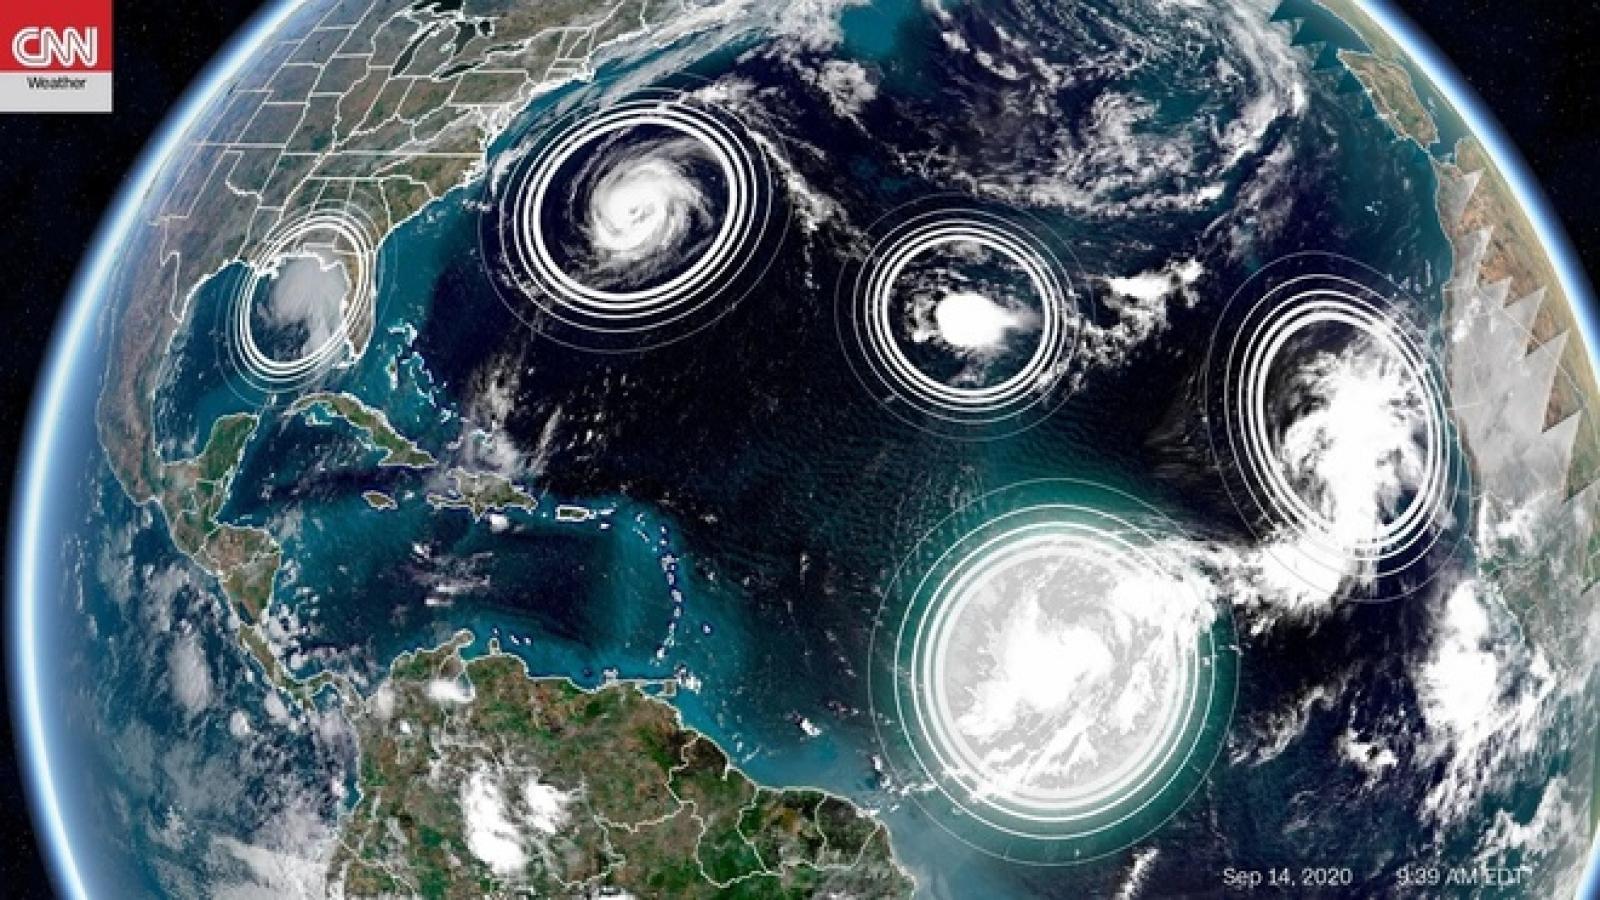 Bão nhiệt đới Vicky gây mưa lớn, ít nhất 5 người thiệt mạng ở Philippines